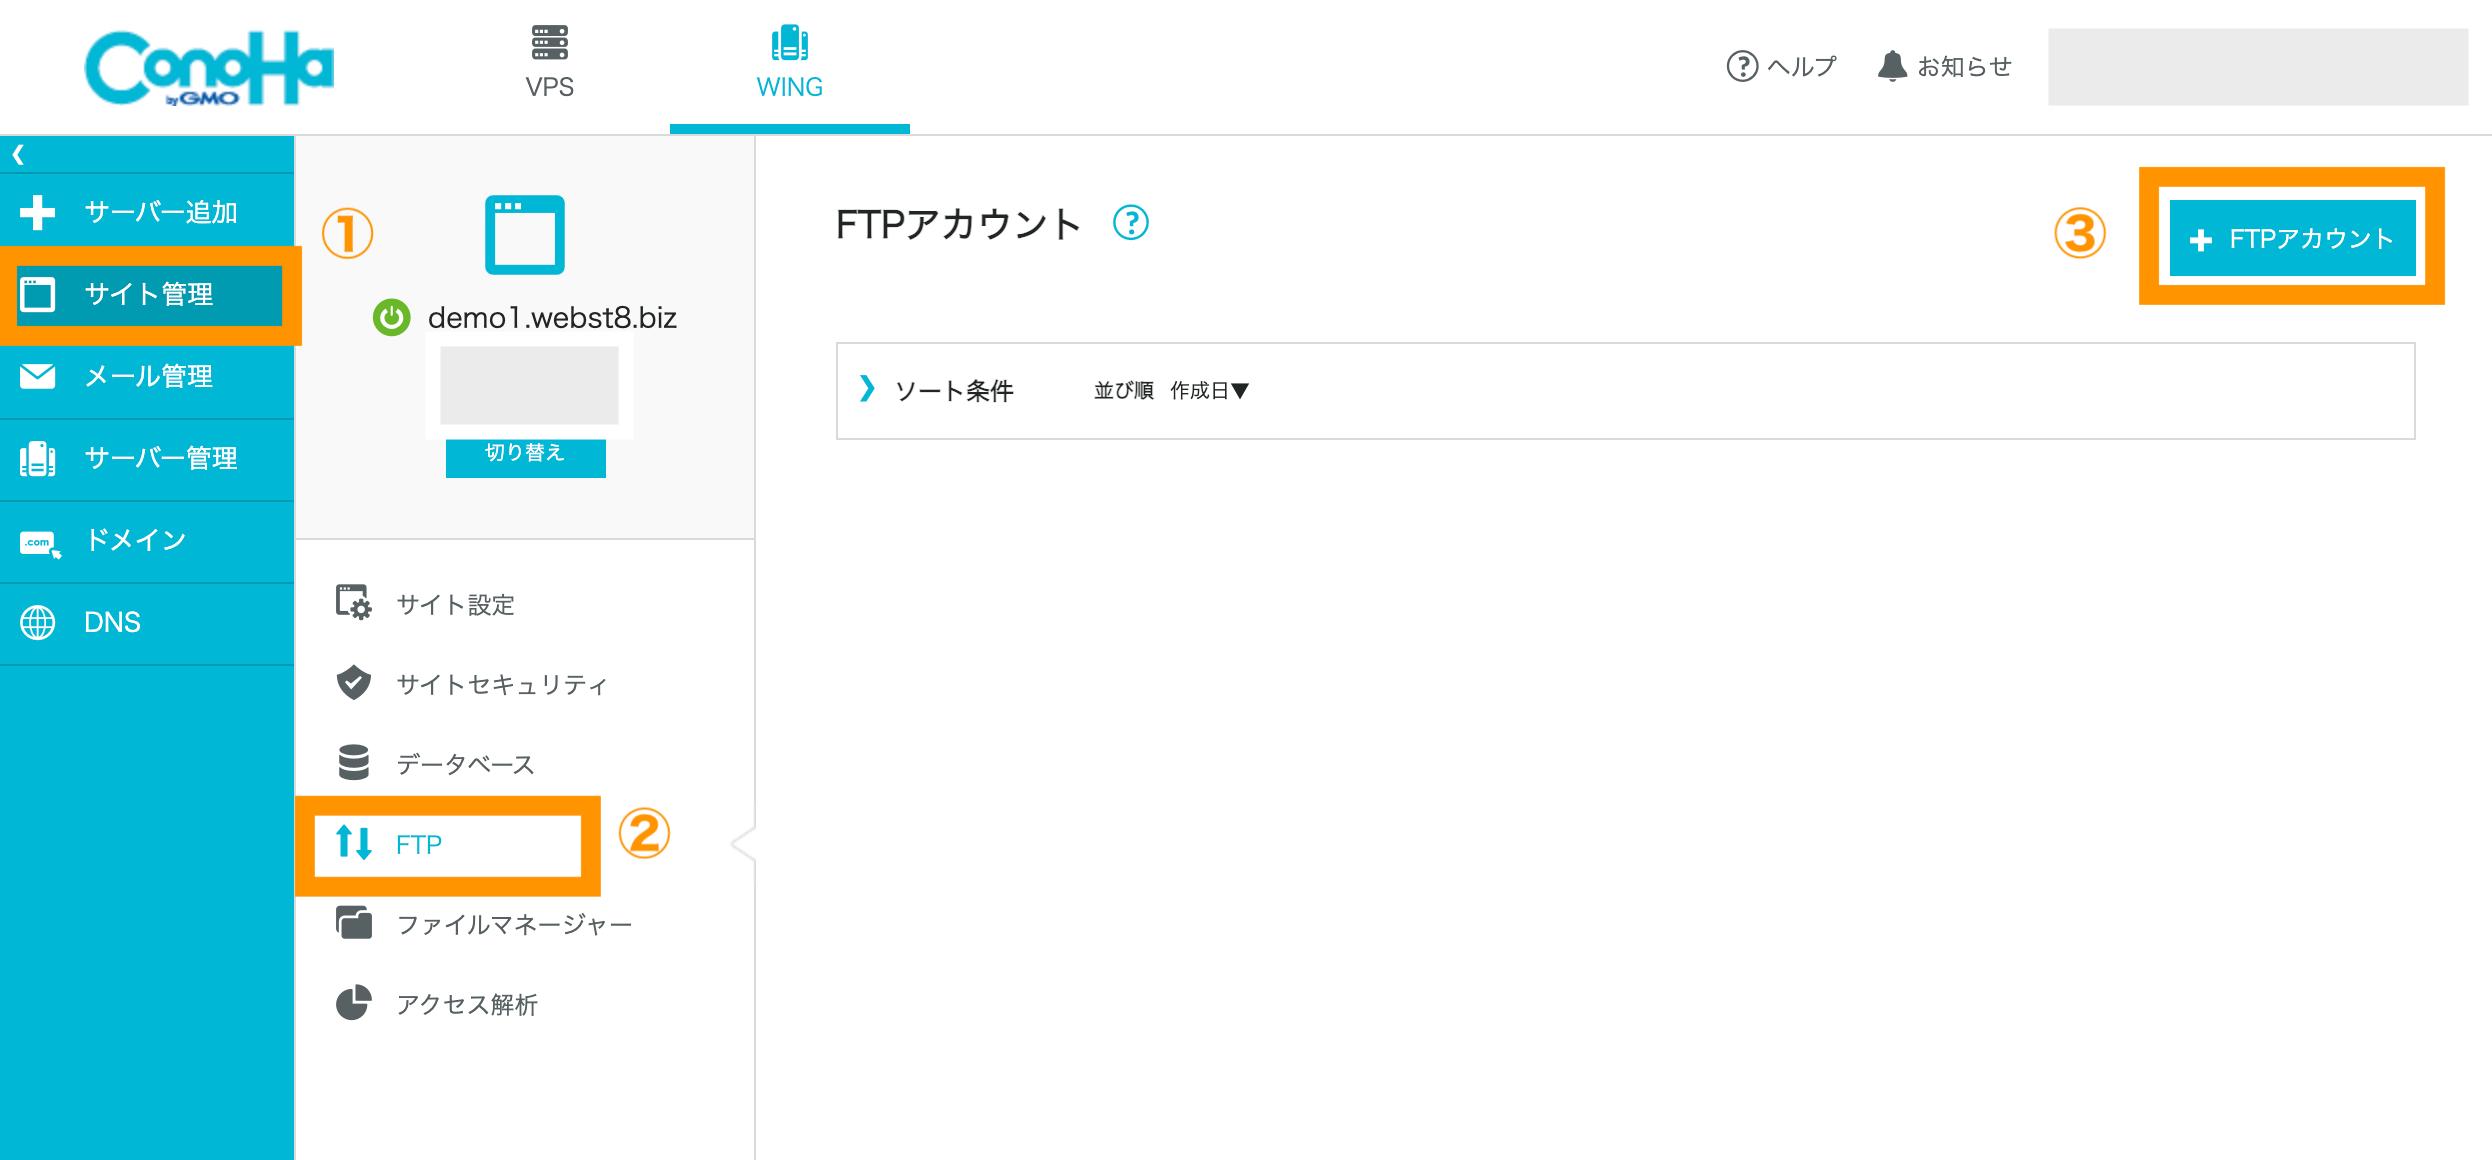 ConoHa WING コントロールパネル FTP設定